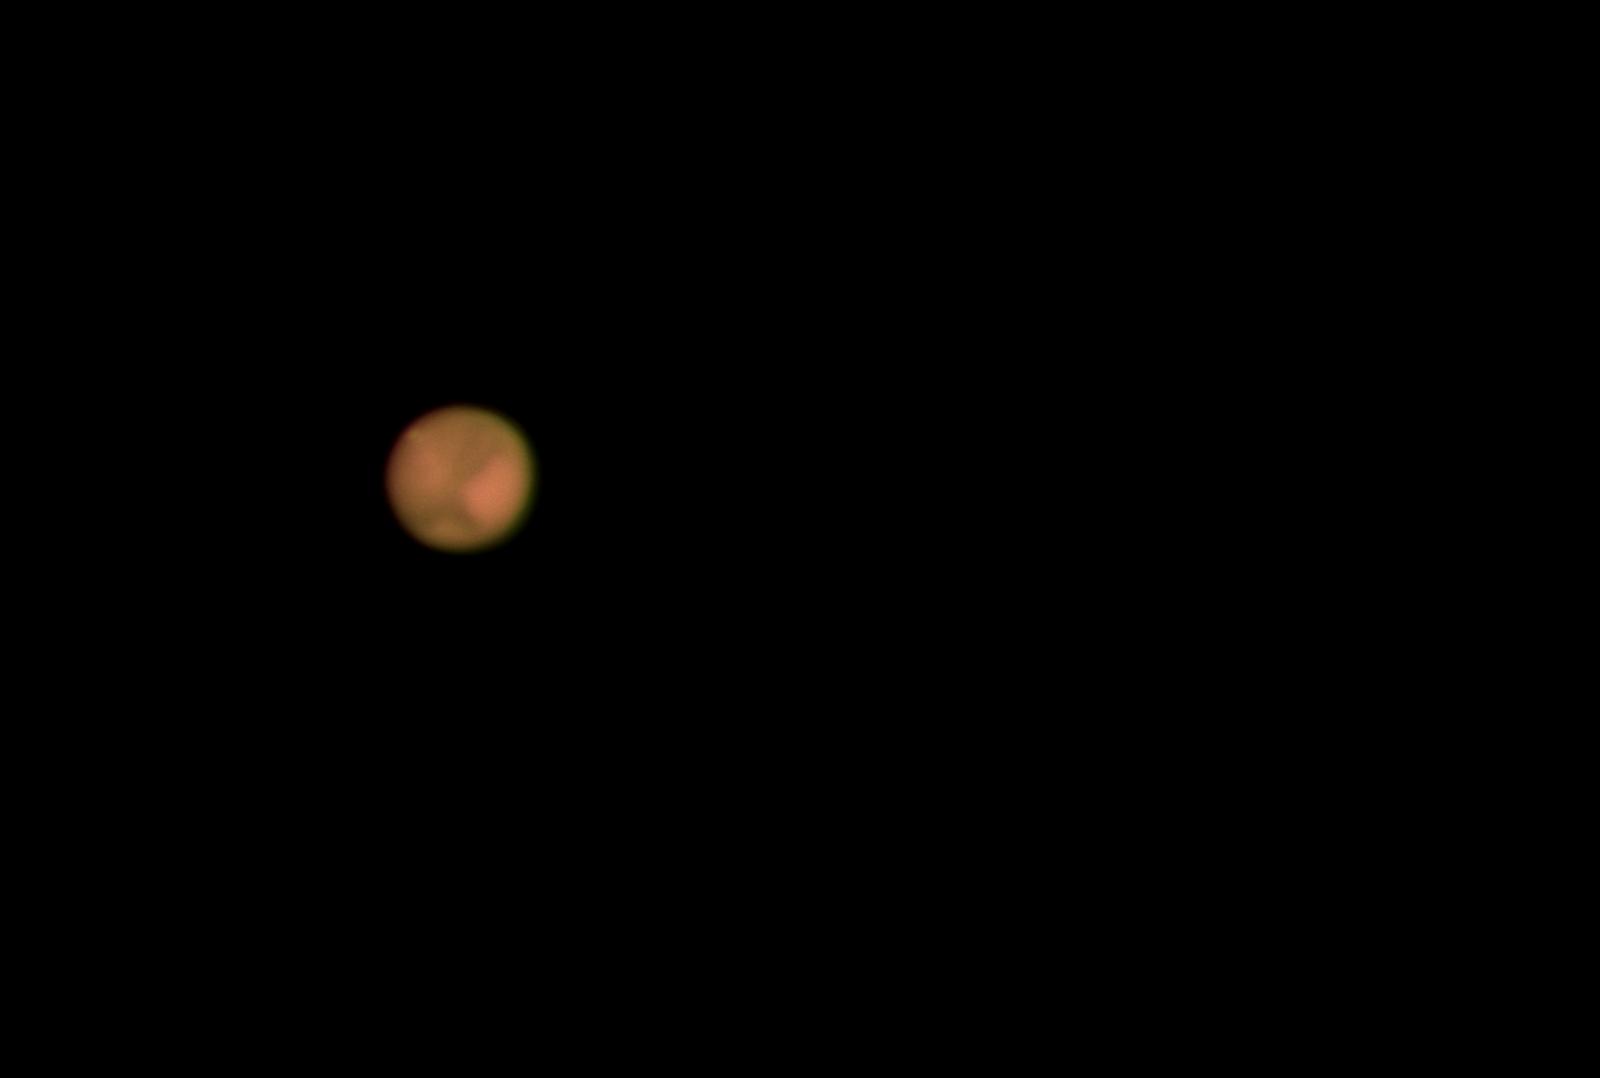 Mars 10 6 2020 single